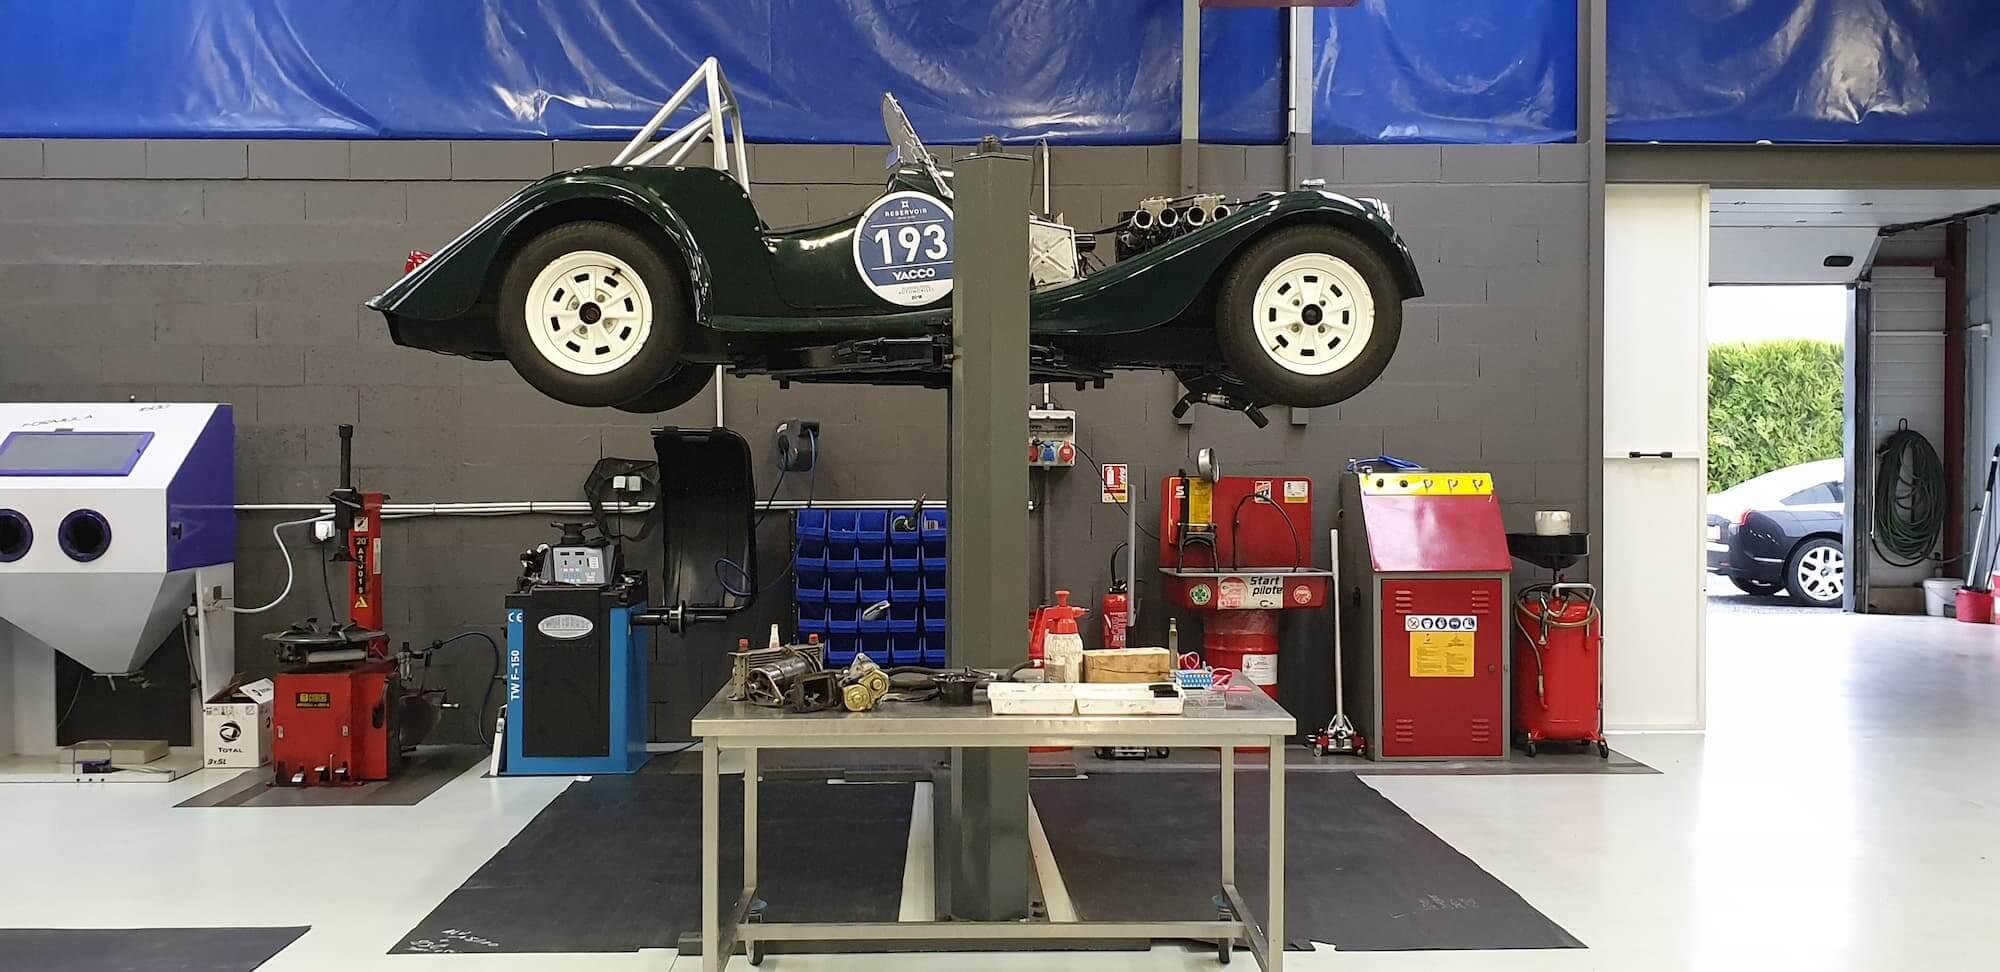 Garage des damiers - Morgan voiture en préparation pour la course automobile